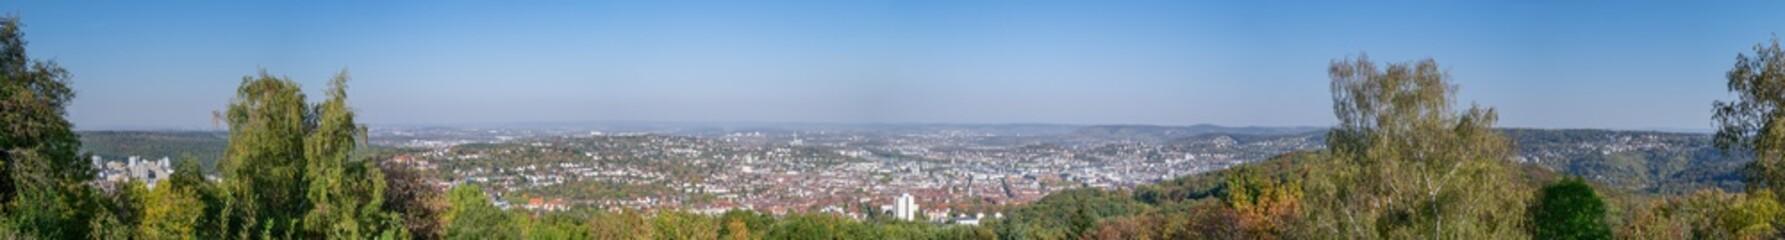 Panorama von Stuttgart vom Birkenkopf aus von Botnang links über die Innenstadt bis Degerloch rechts